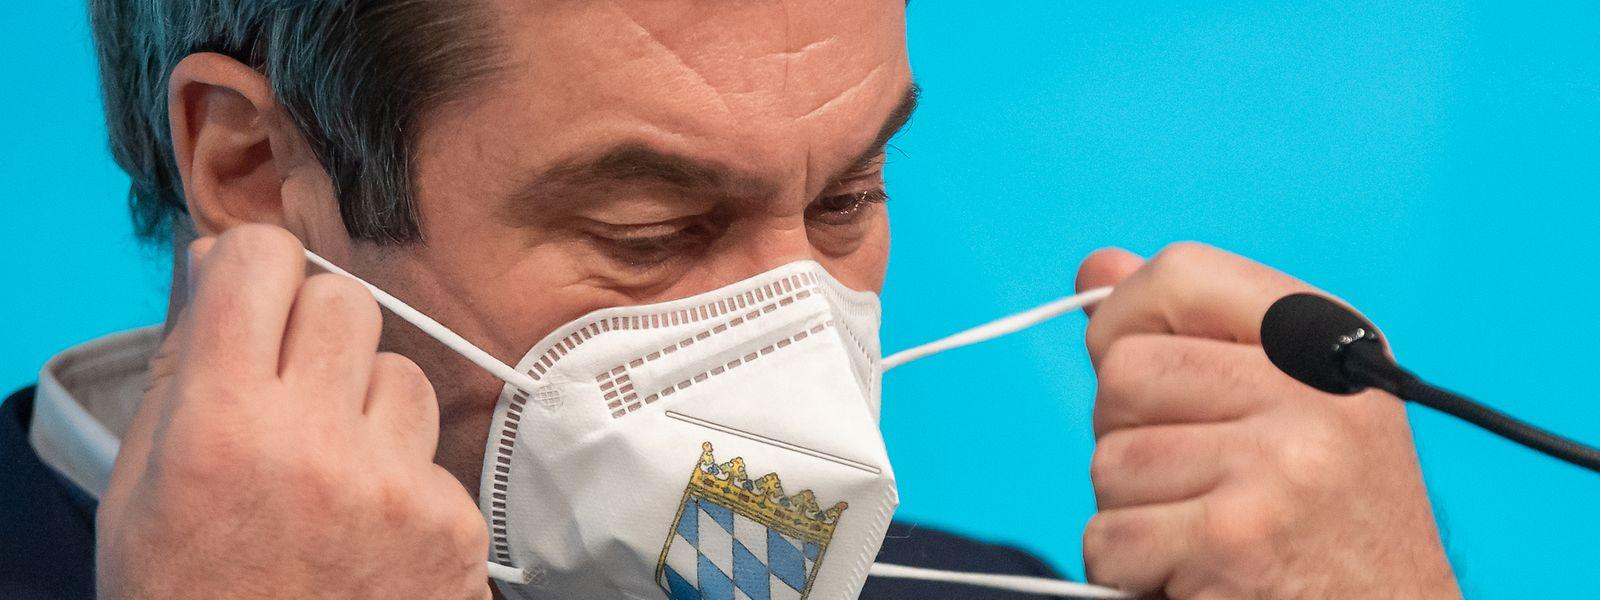 Der bayerische Ministerpräsident Markus Söder (CSU) hat eine verpflichtende Corona-Impfung ins Spiel gebracht.